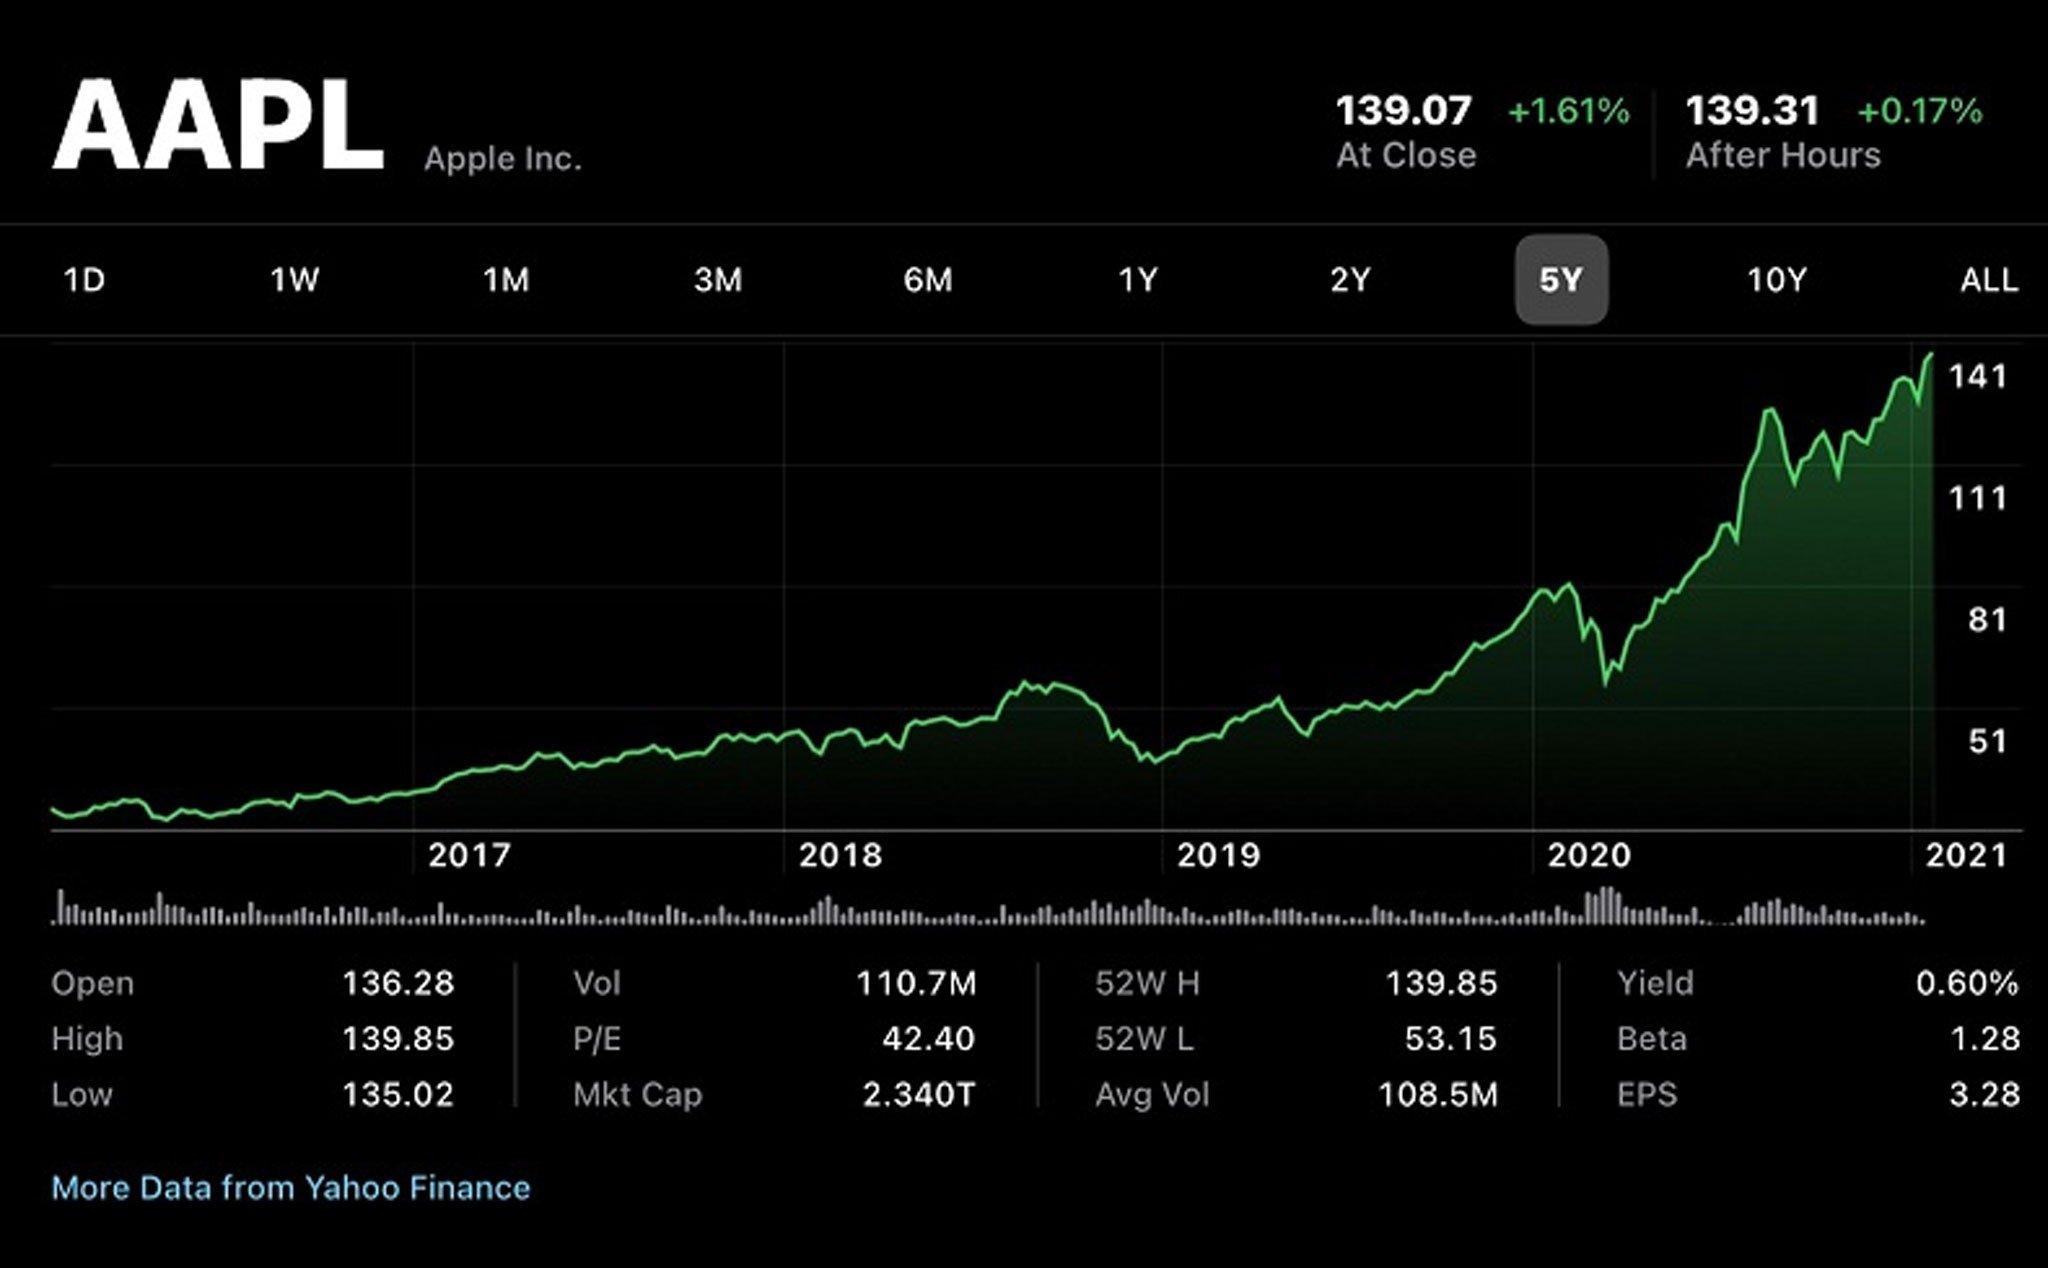 Lần đầu tiên trong lịch sử doanh thu quý của Apple sẽ cán mốc 100 tỷ USD - Ảnh 1.